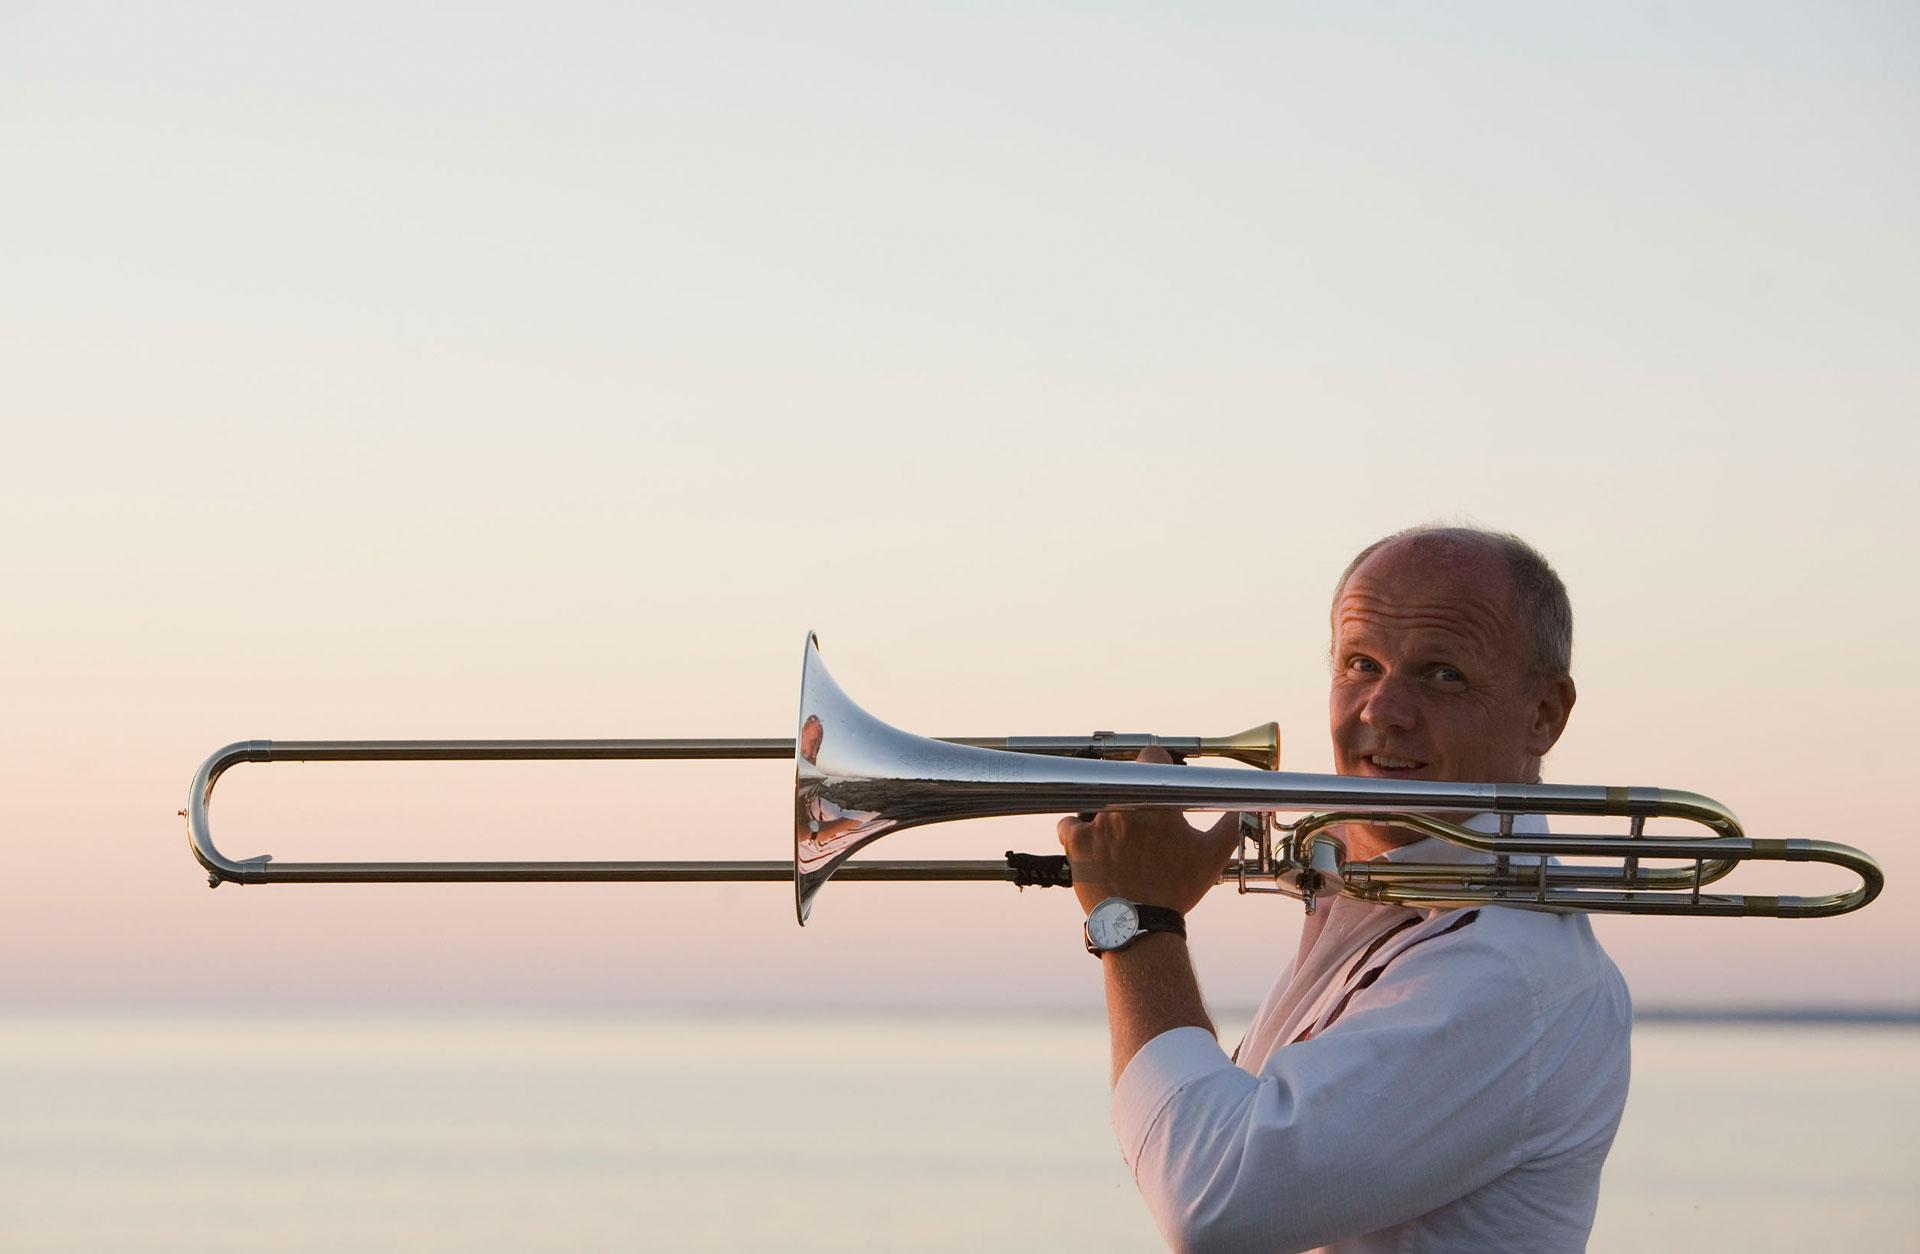 Christian Lindberg håller upp trombonen och tittar in i kameran. Havet syns i bakgrunden.